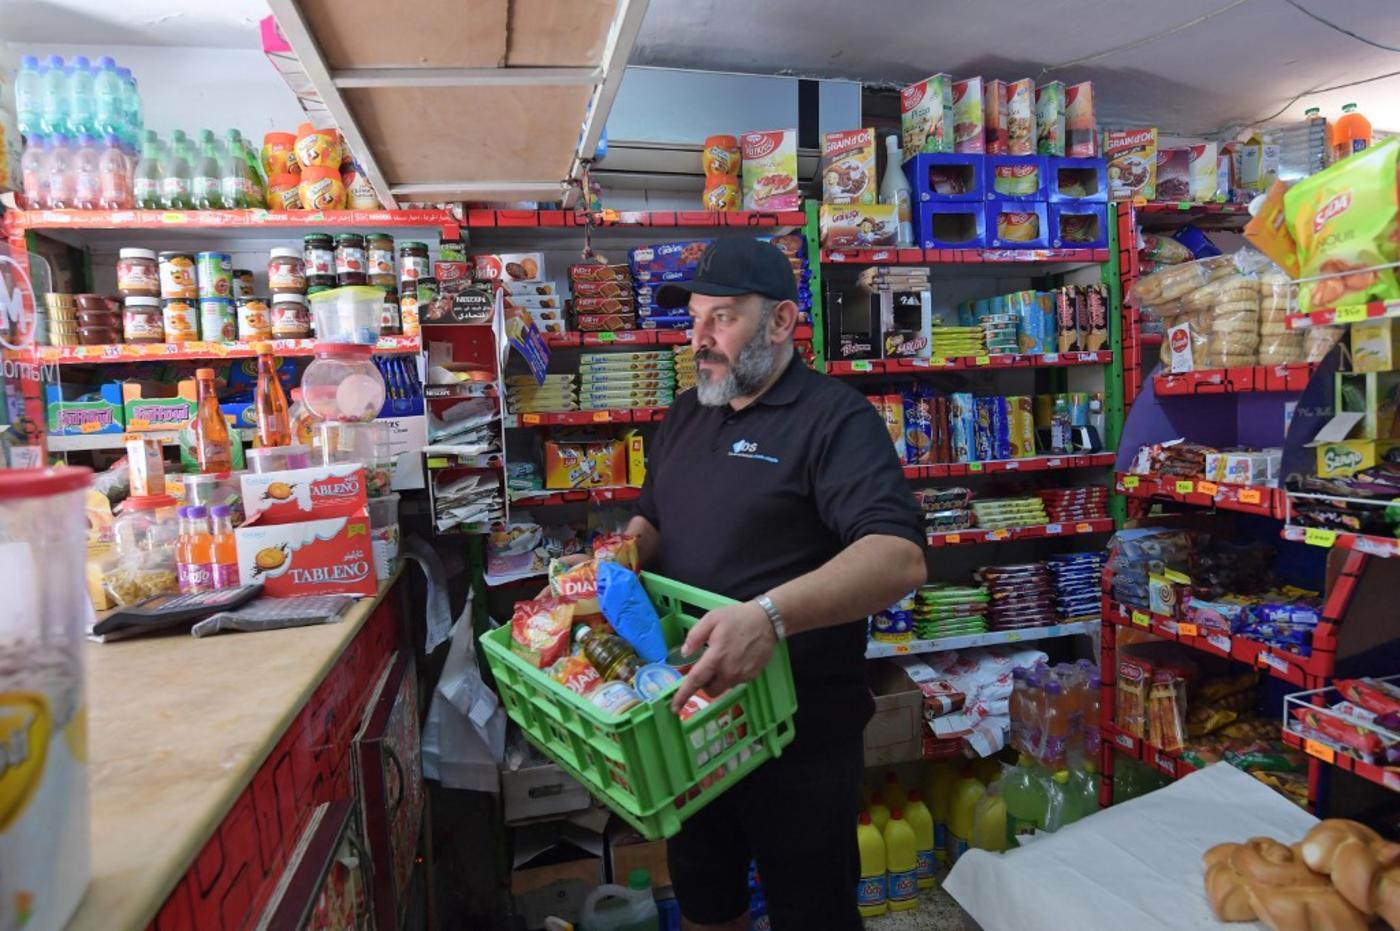 Un employé tunisien d'une épicerie prépare des rations d'aide alimentaire pour les plus démunis, à Tunis le 8 mai 2020 (AFP)